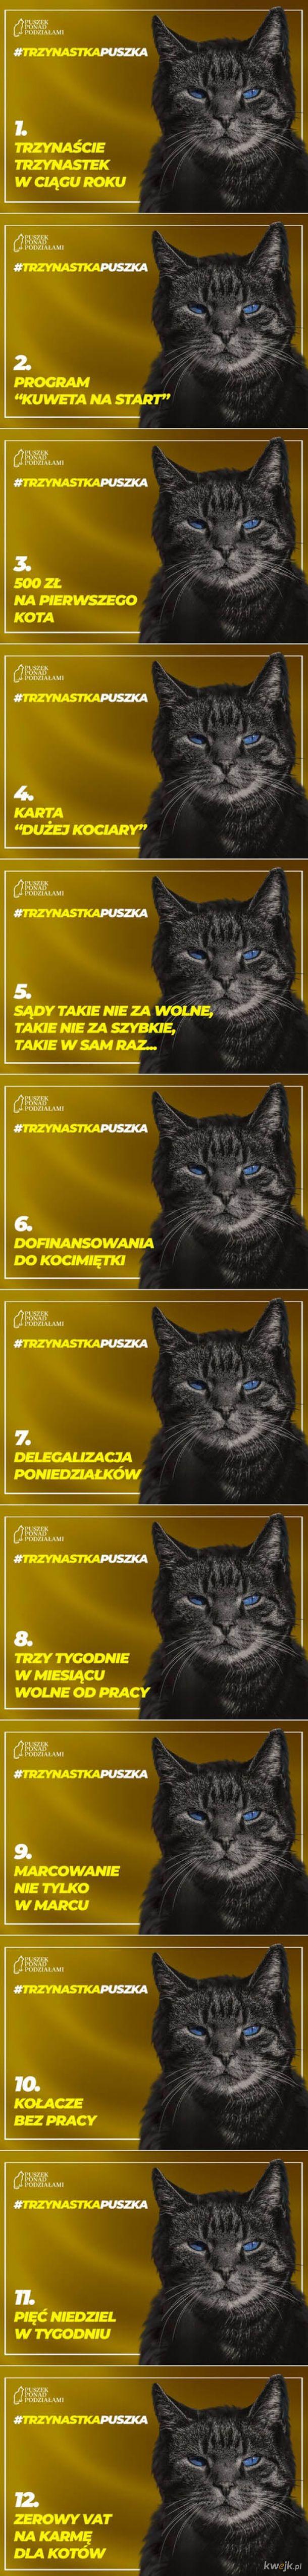 Głosujcie na Puszka - kandydata wszystkich kociar